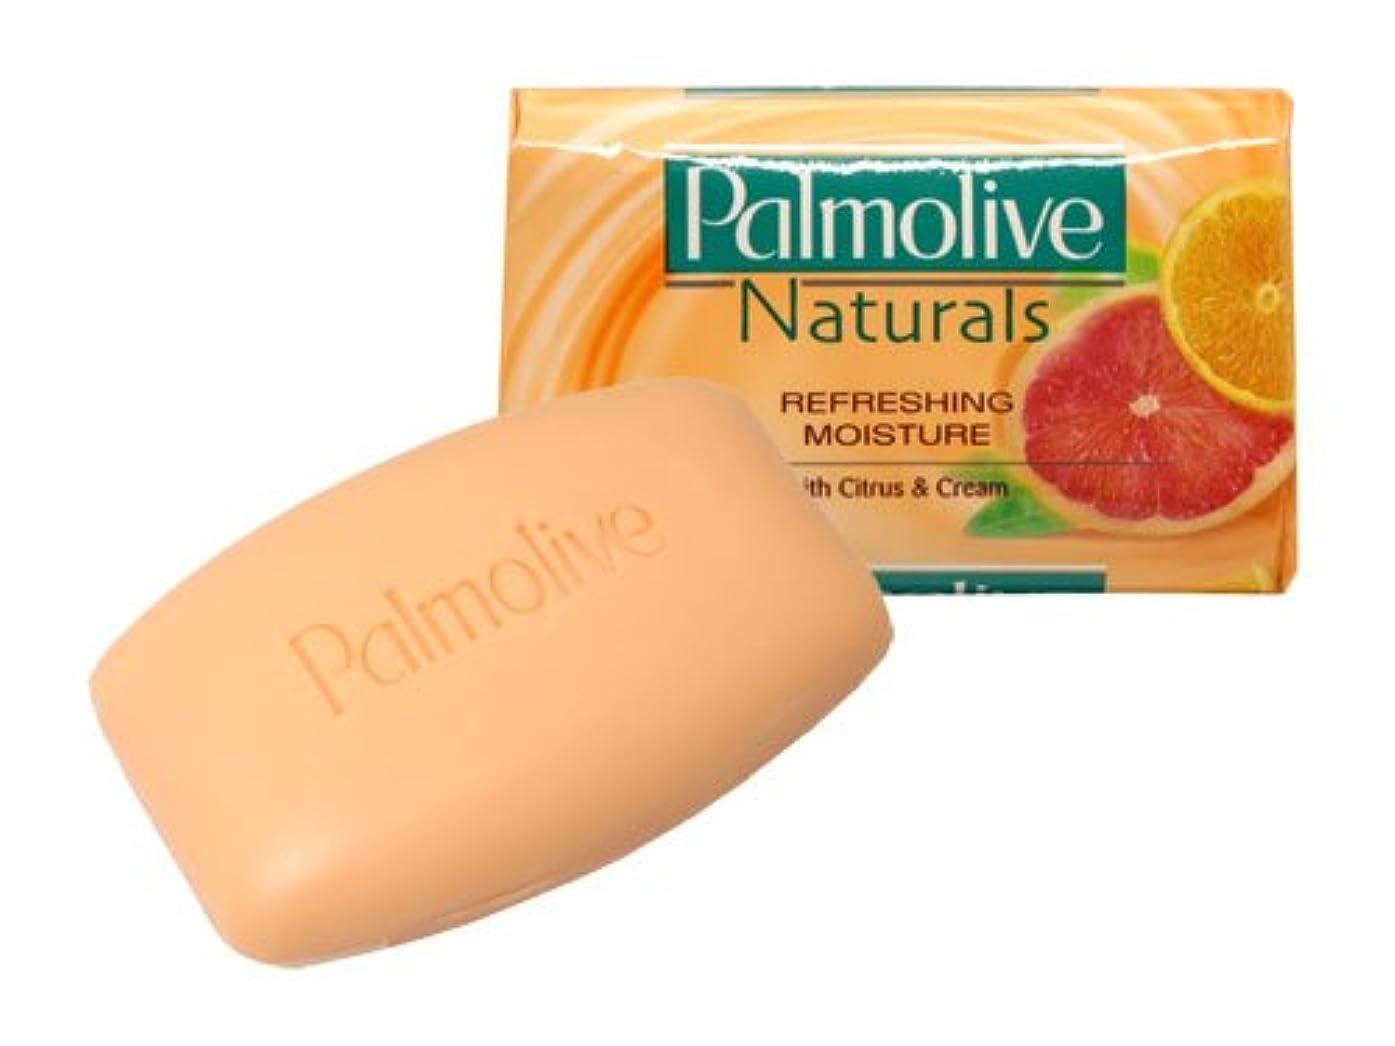 わかる奨学金エキス【Palmolive】パルモリーブ ナチュラルズ石鹸3個パック(シトラス&クリーム)